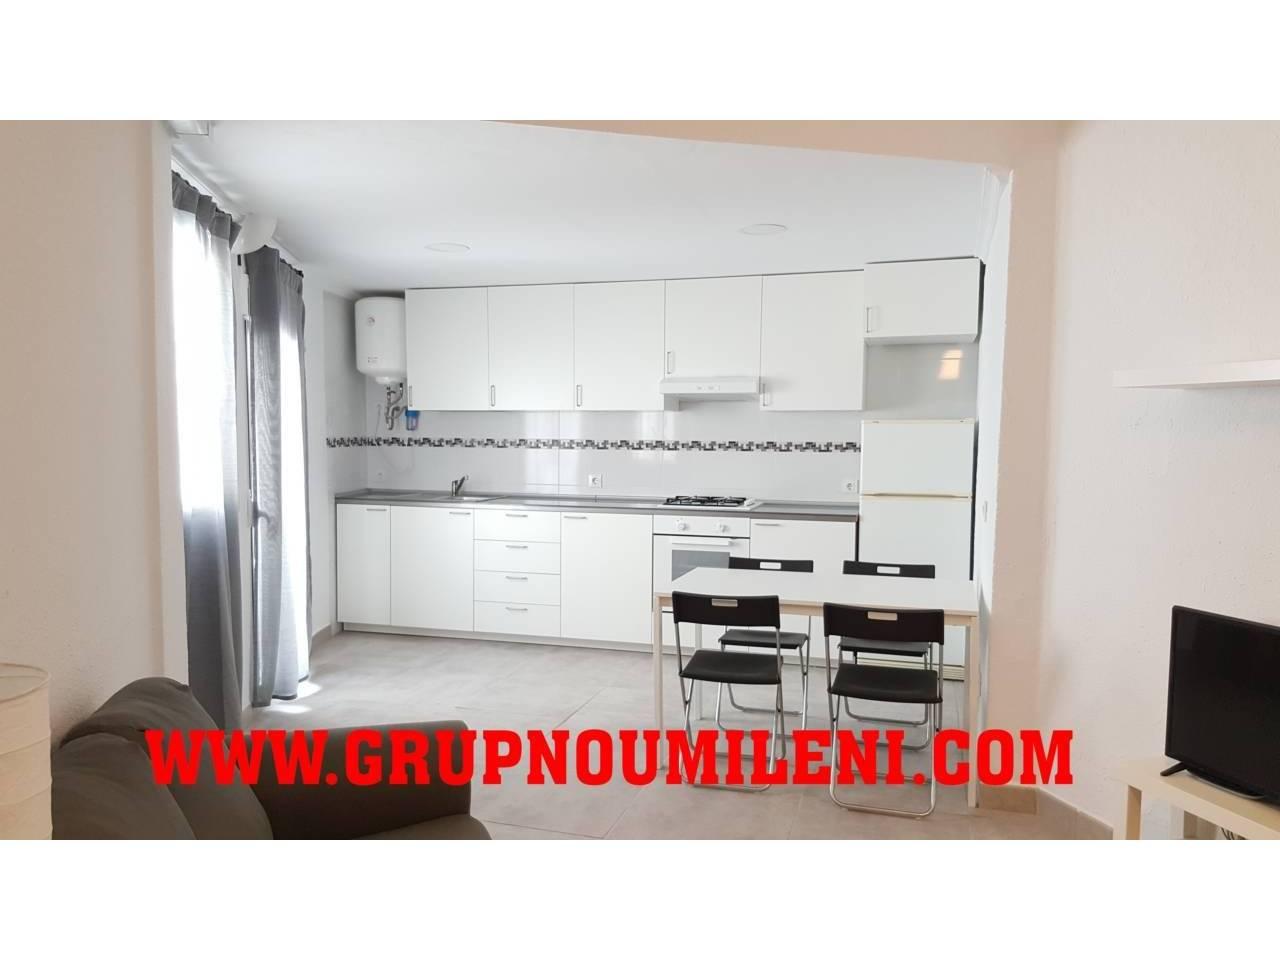 Lloguer Pis  Catarroja. Superf. 70 m²,  3 habitaciones (2 dobles,  1 individual),  1 bañ